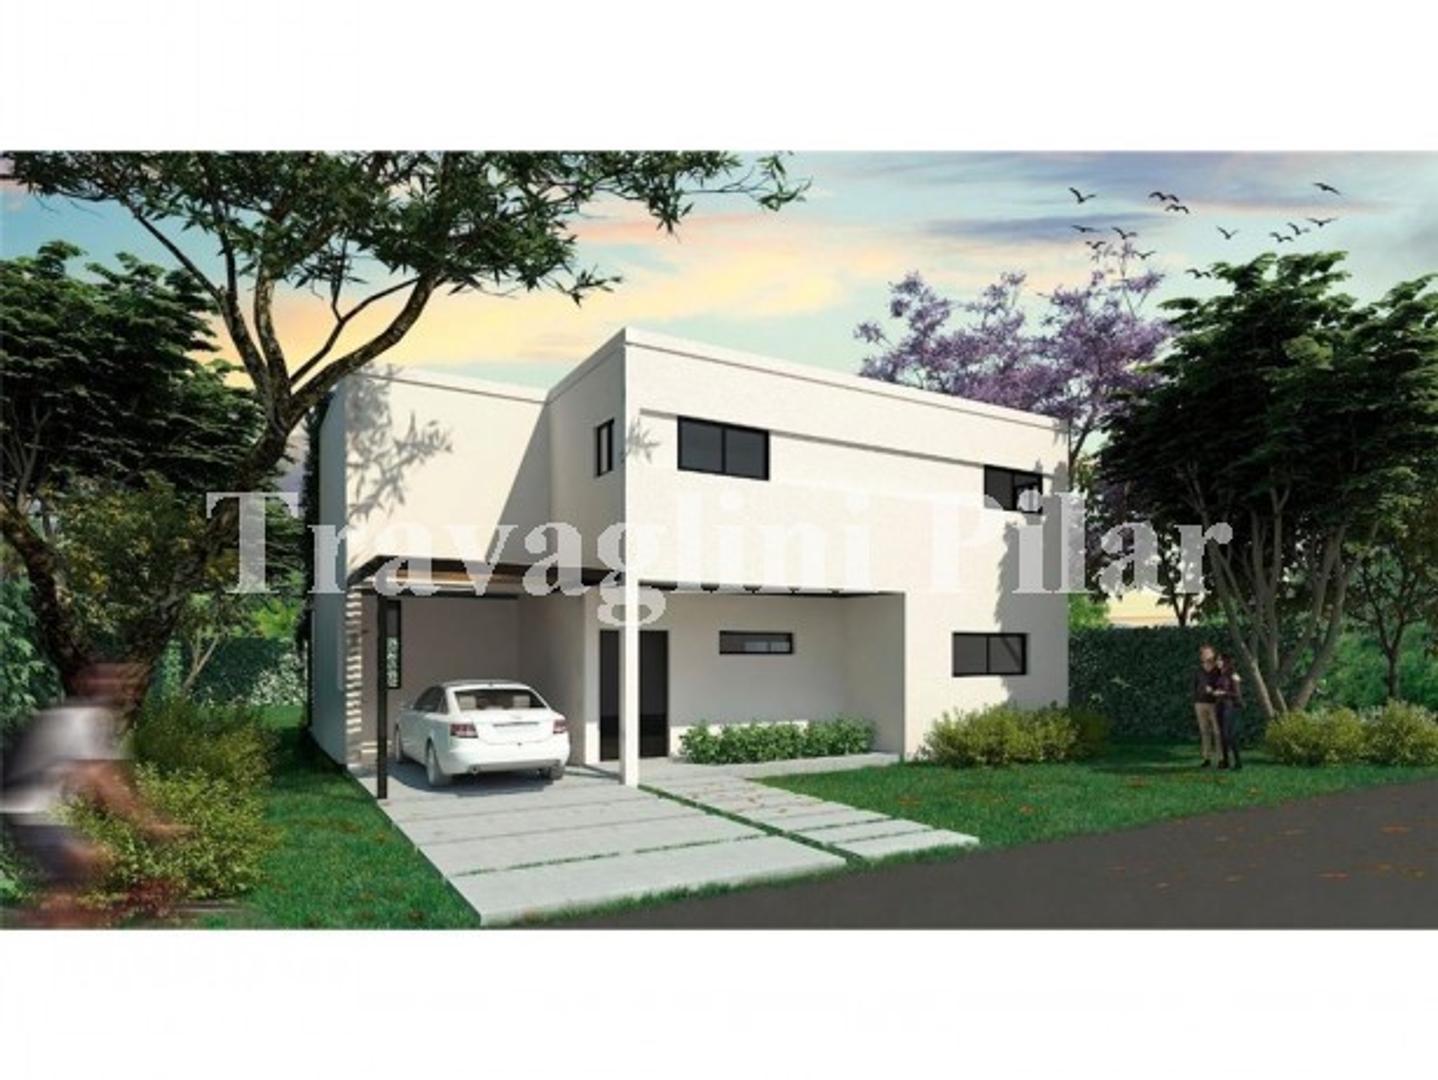 Casa en Venta a estrenar, LAGOON PILAR, 4 dormitorios, estar, play, galeria, parrilla,